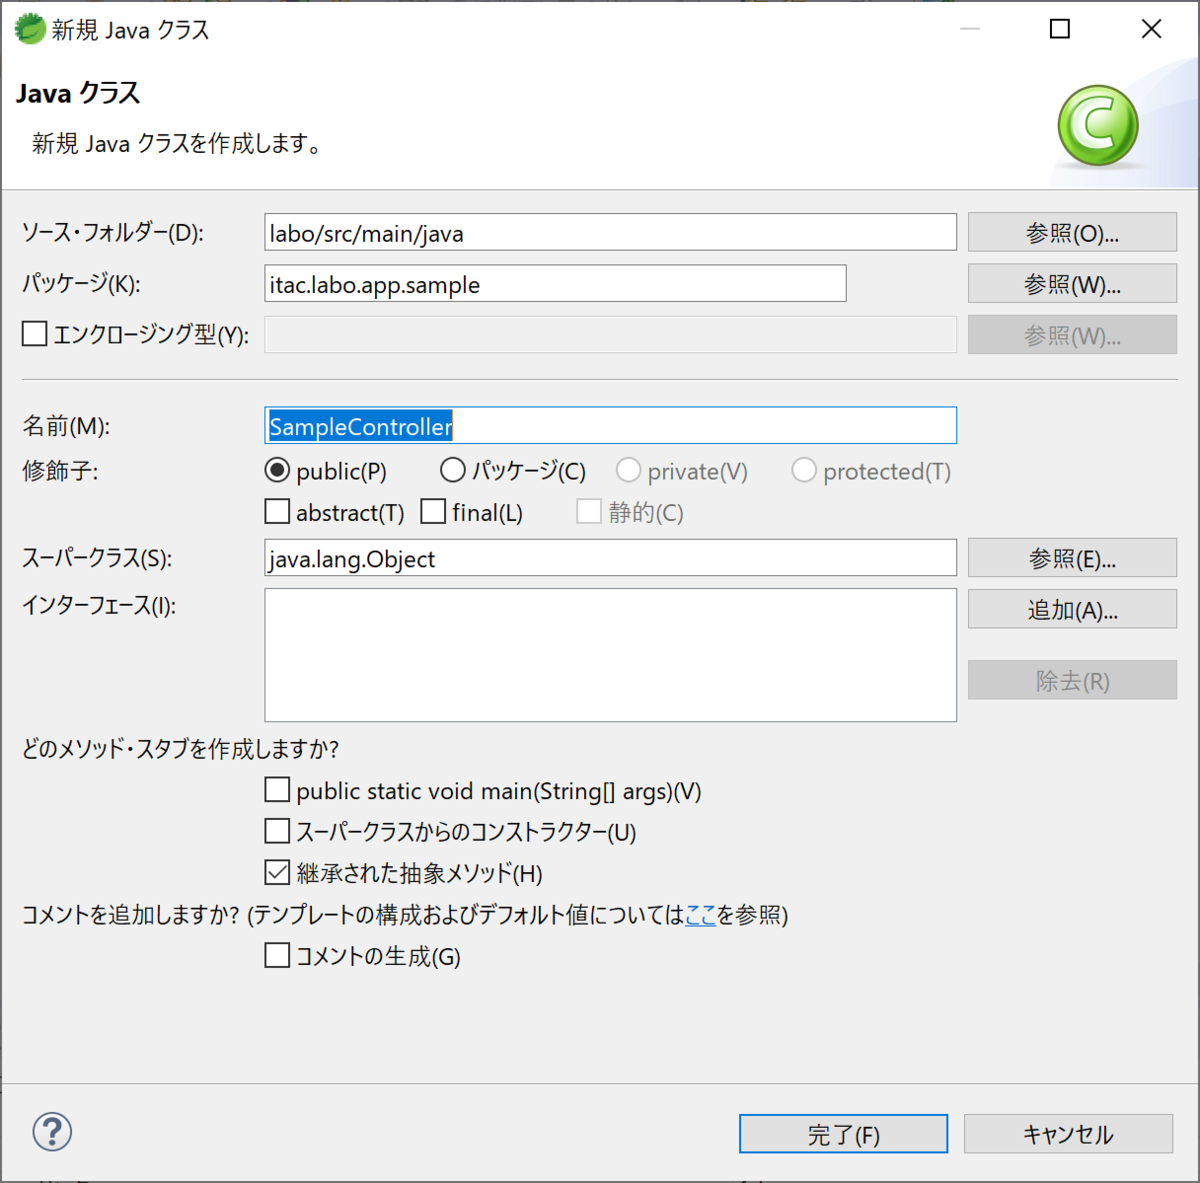 f:id:shizuuuka0202:20200127220925p:plain